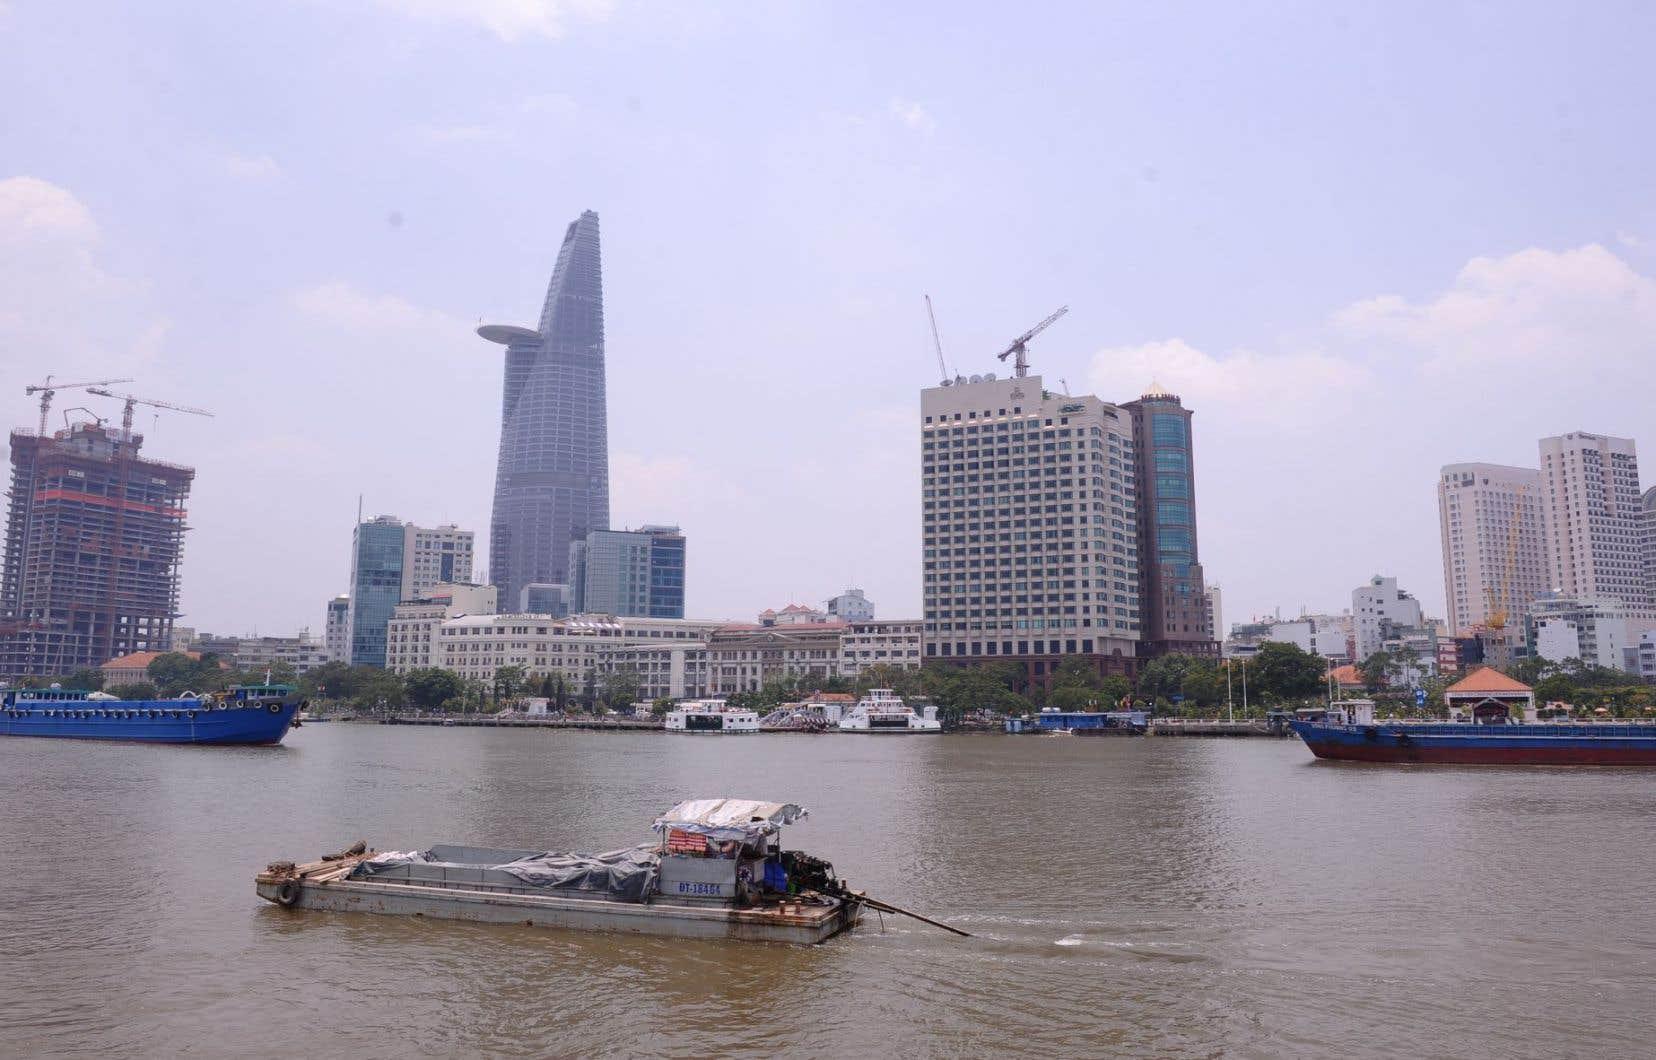 La capitale économique du Vietnam, Hô Chi Minh-Ville, a maintenant des allures de petit Shanghai.